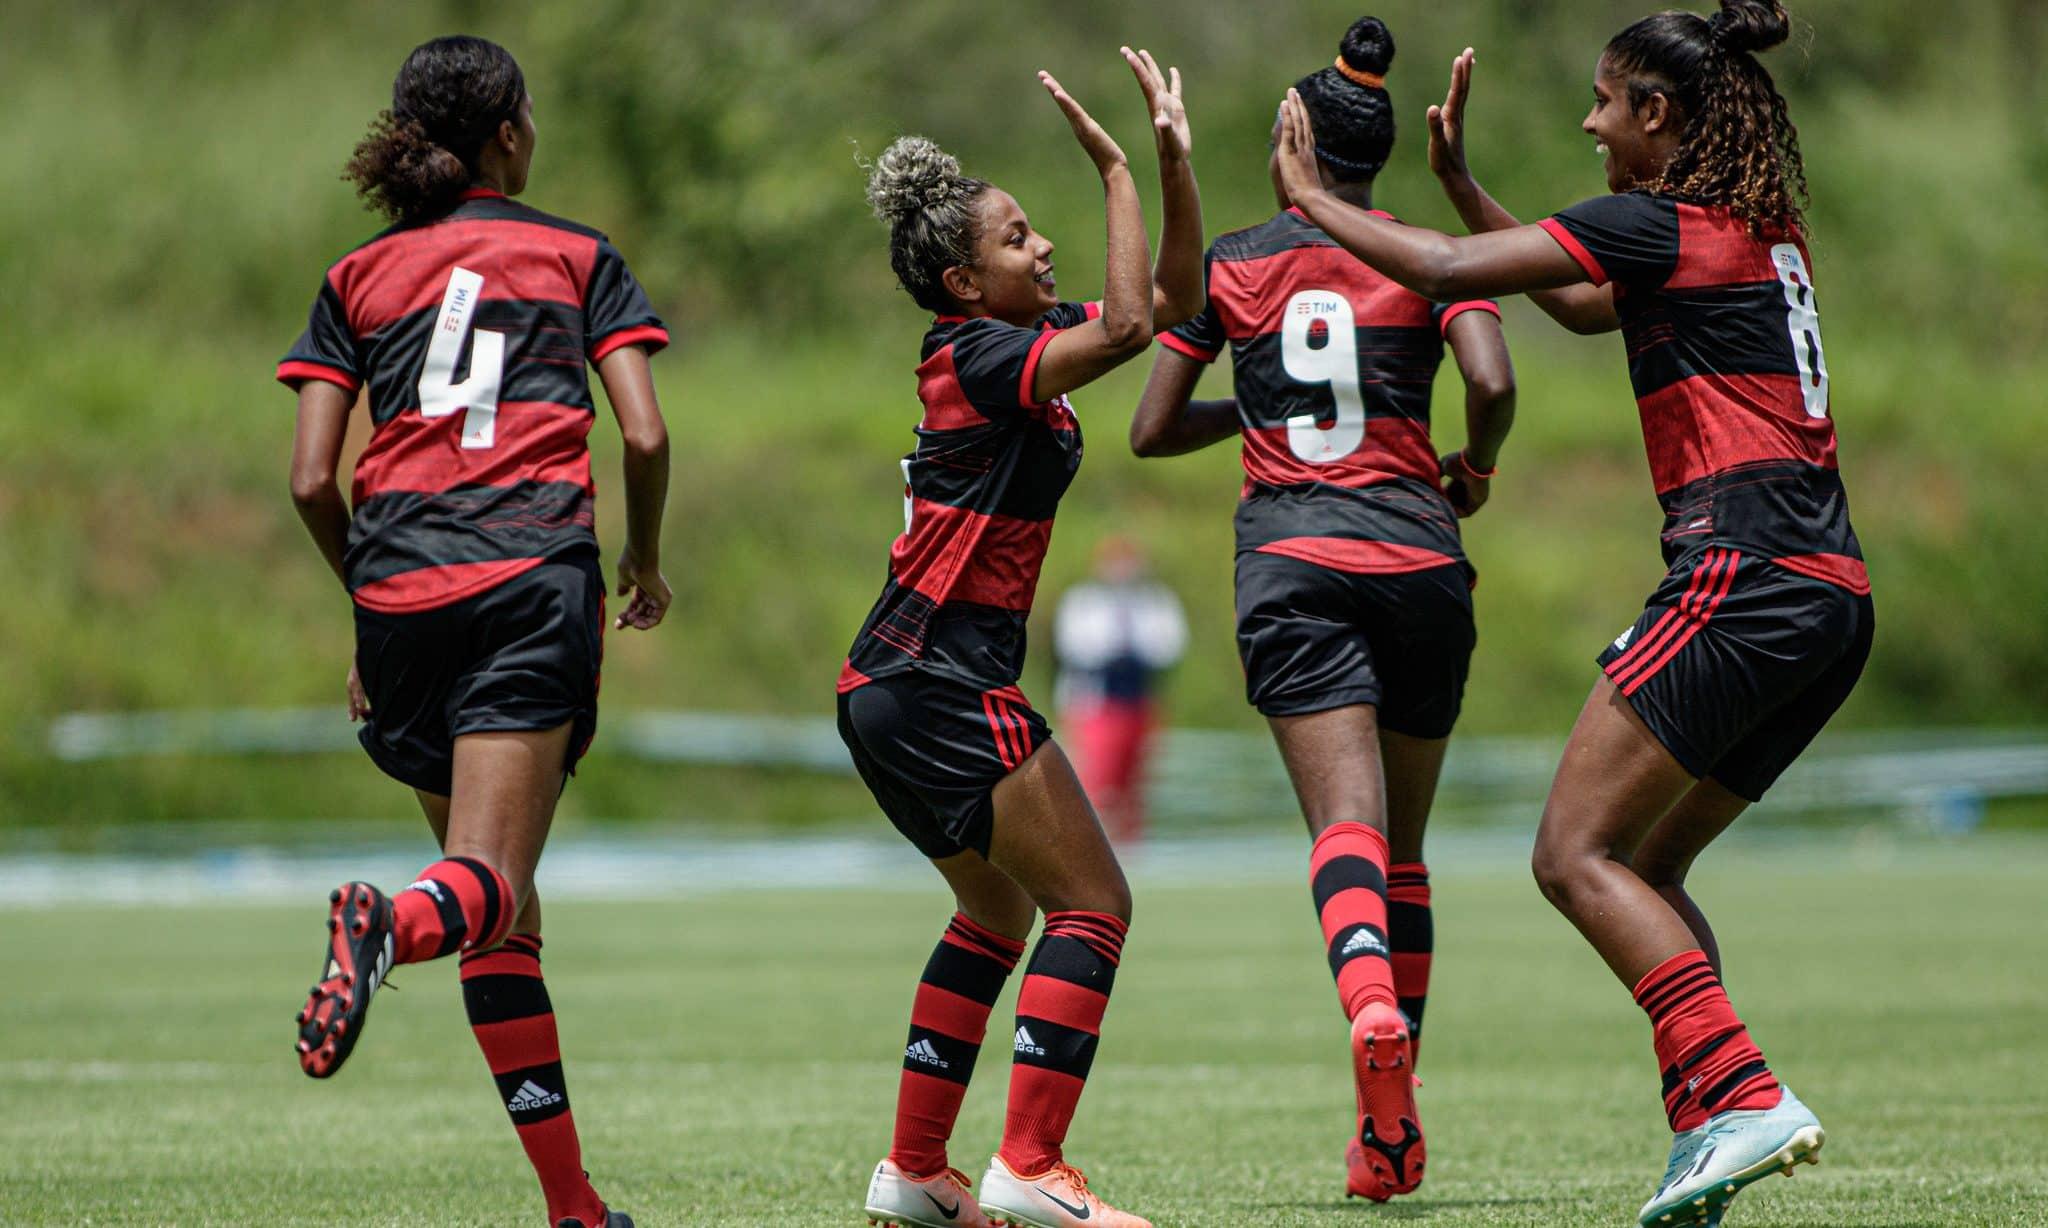 Assista ao vivo: Flamengo x Fluminense - Carioca feminino de futebol América